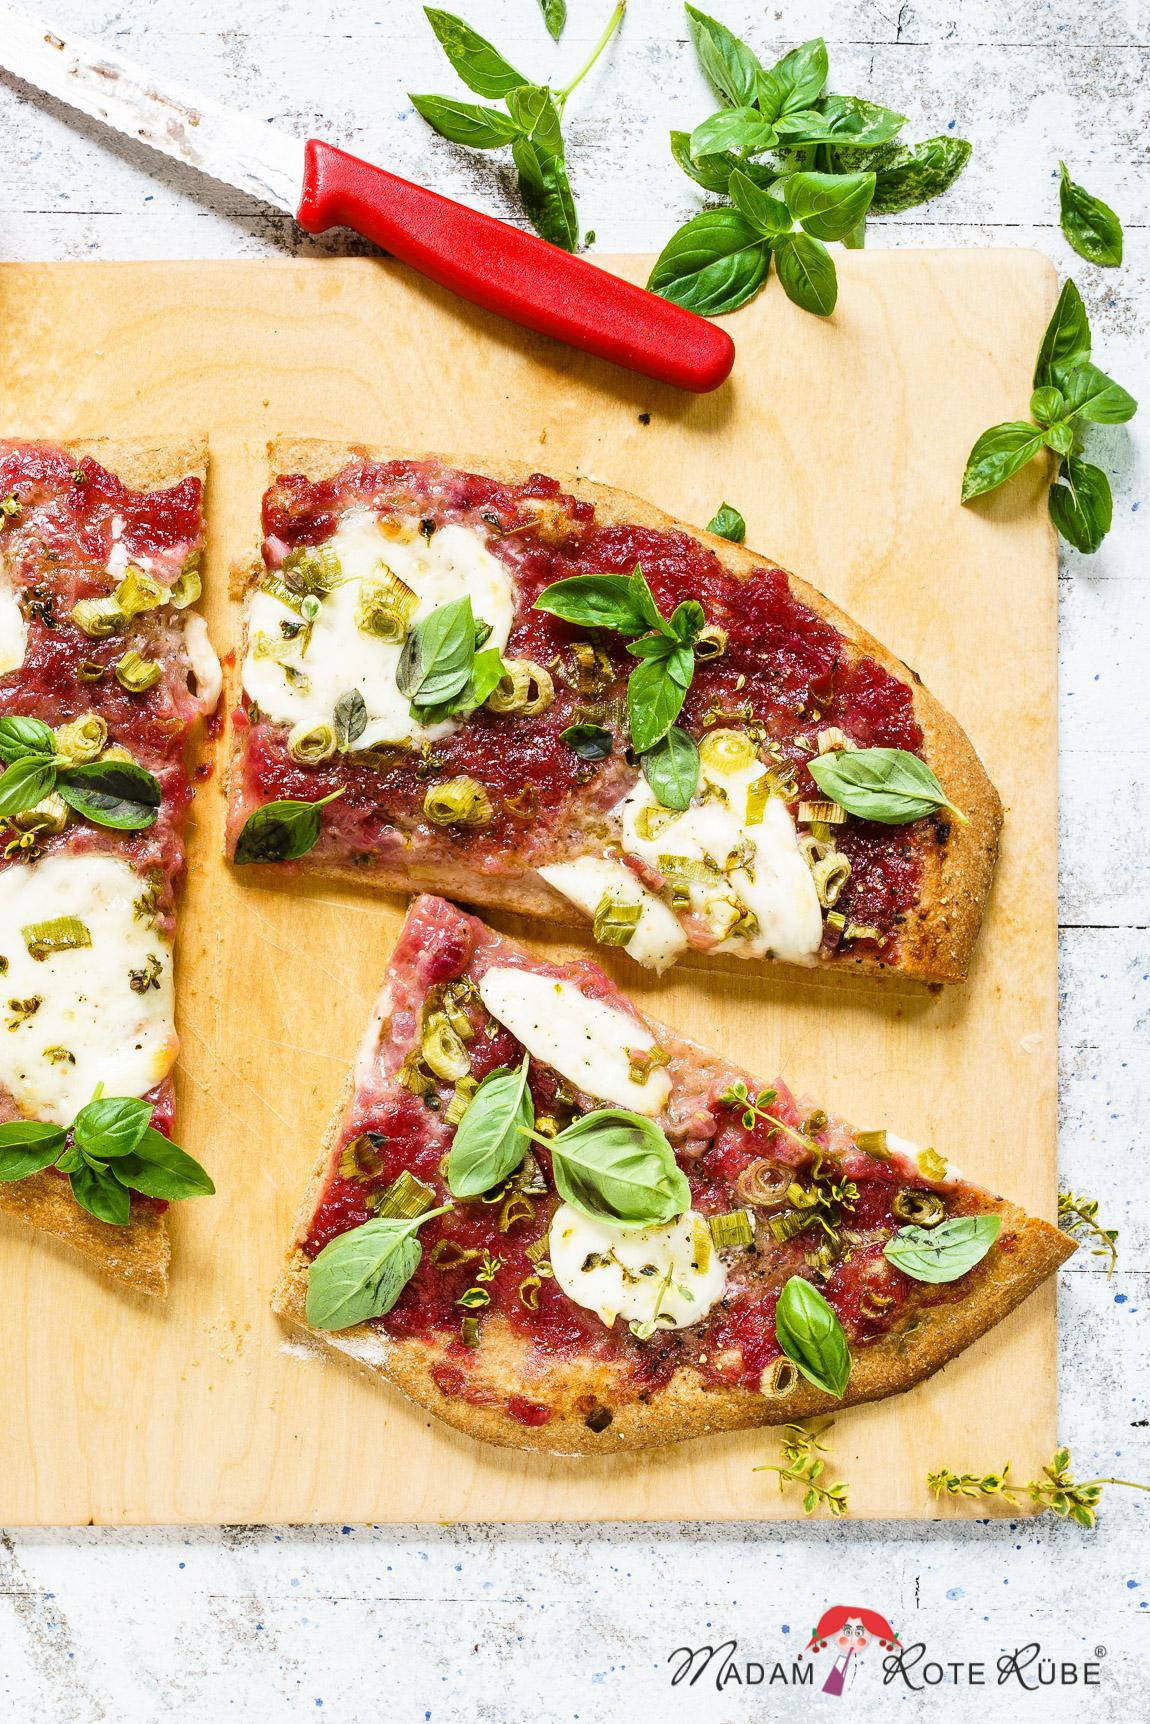 Madam Rote Rübe - Pizza mit Zwiebel-Rhabarber-Marmelade und Büffel-Mozzarella